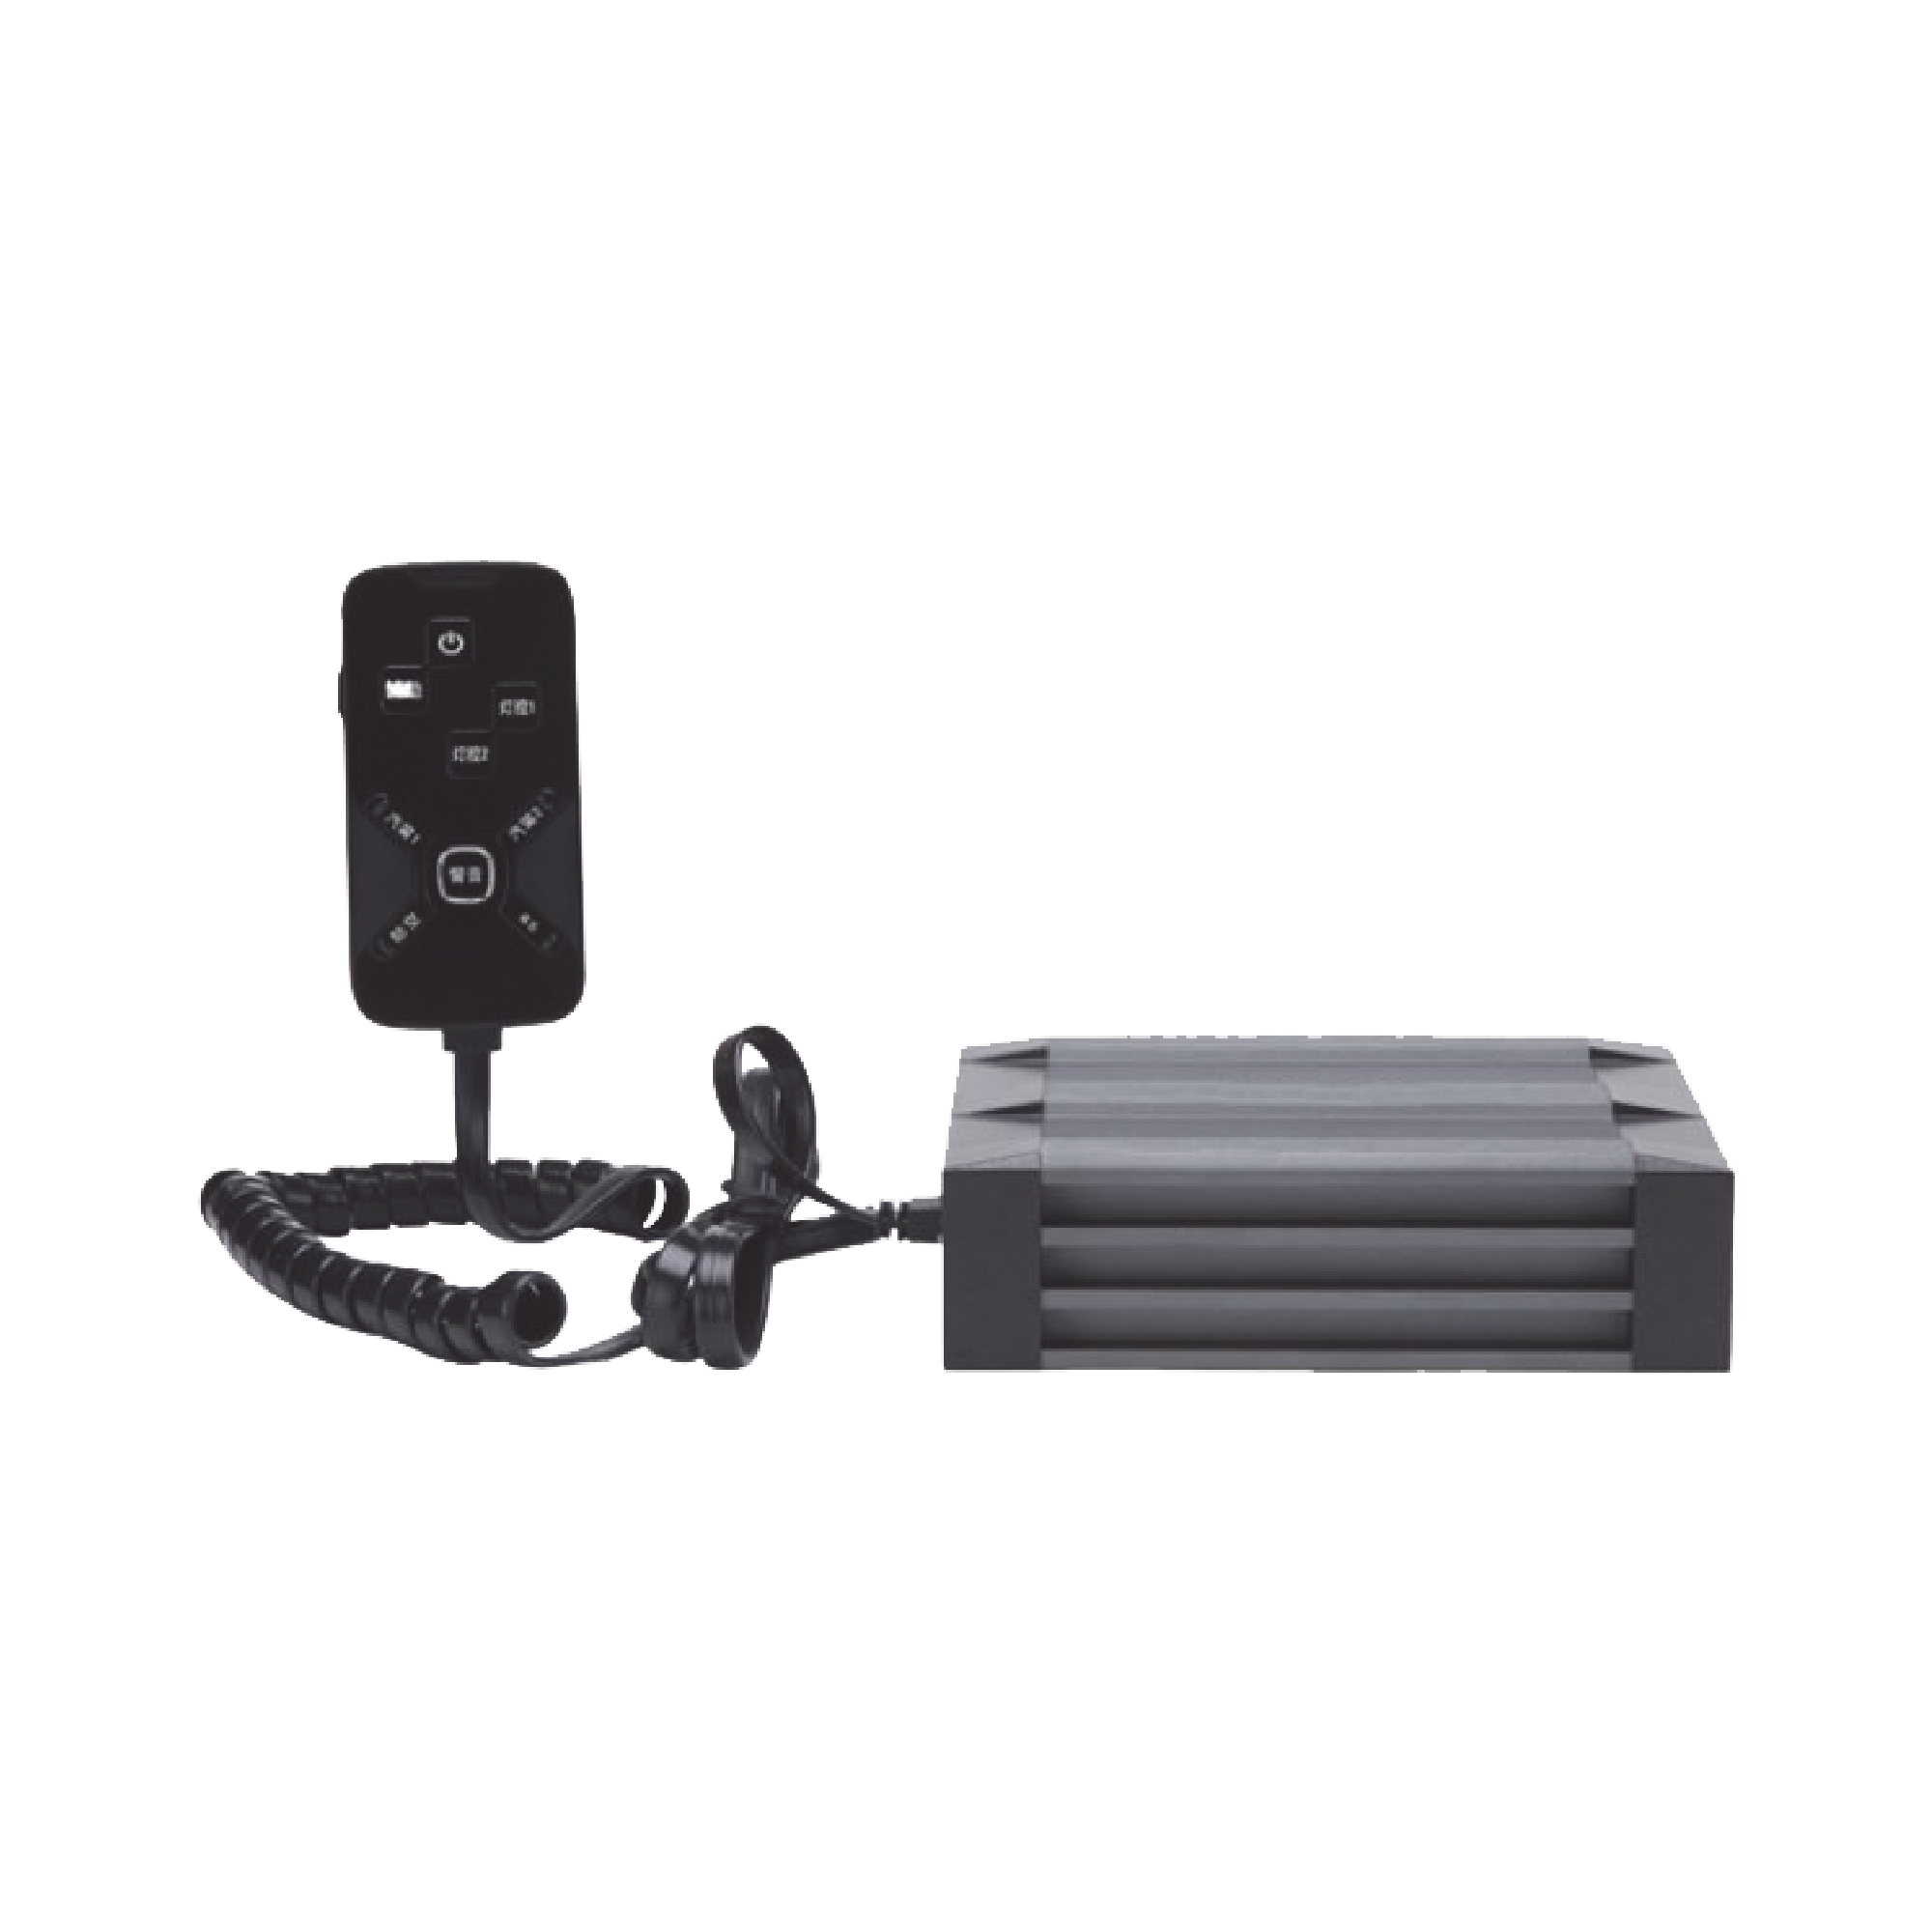 Sirena Compacta de 100W de potencia, de Alto Rendimiento y Fácil Instalación Con Monomando